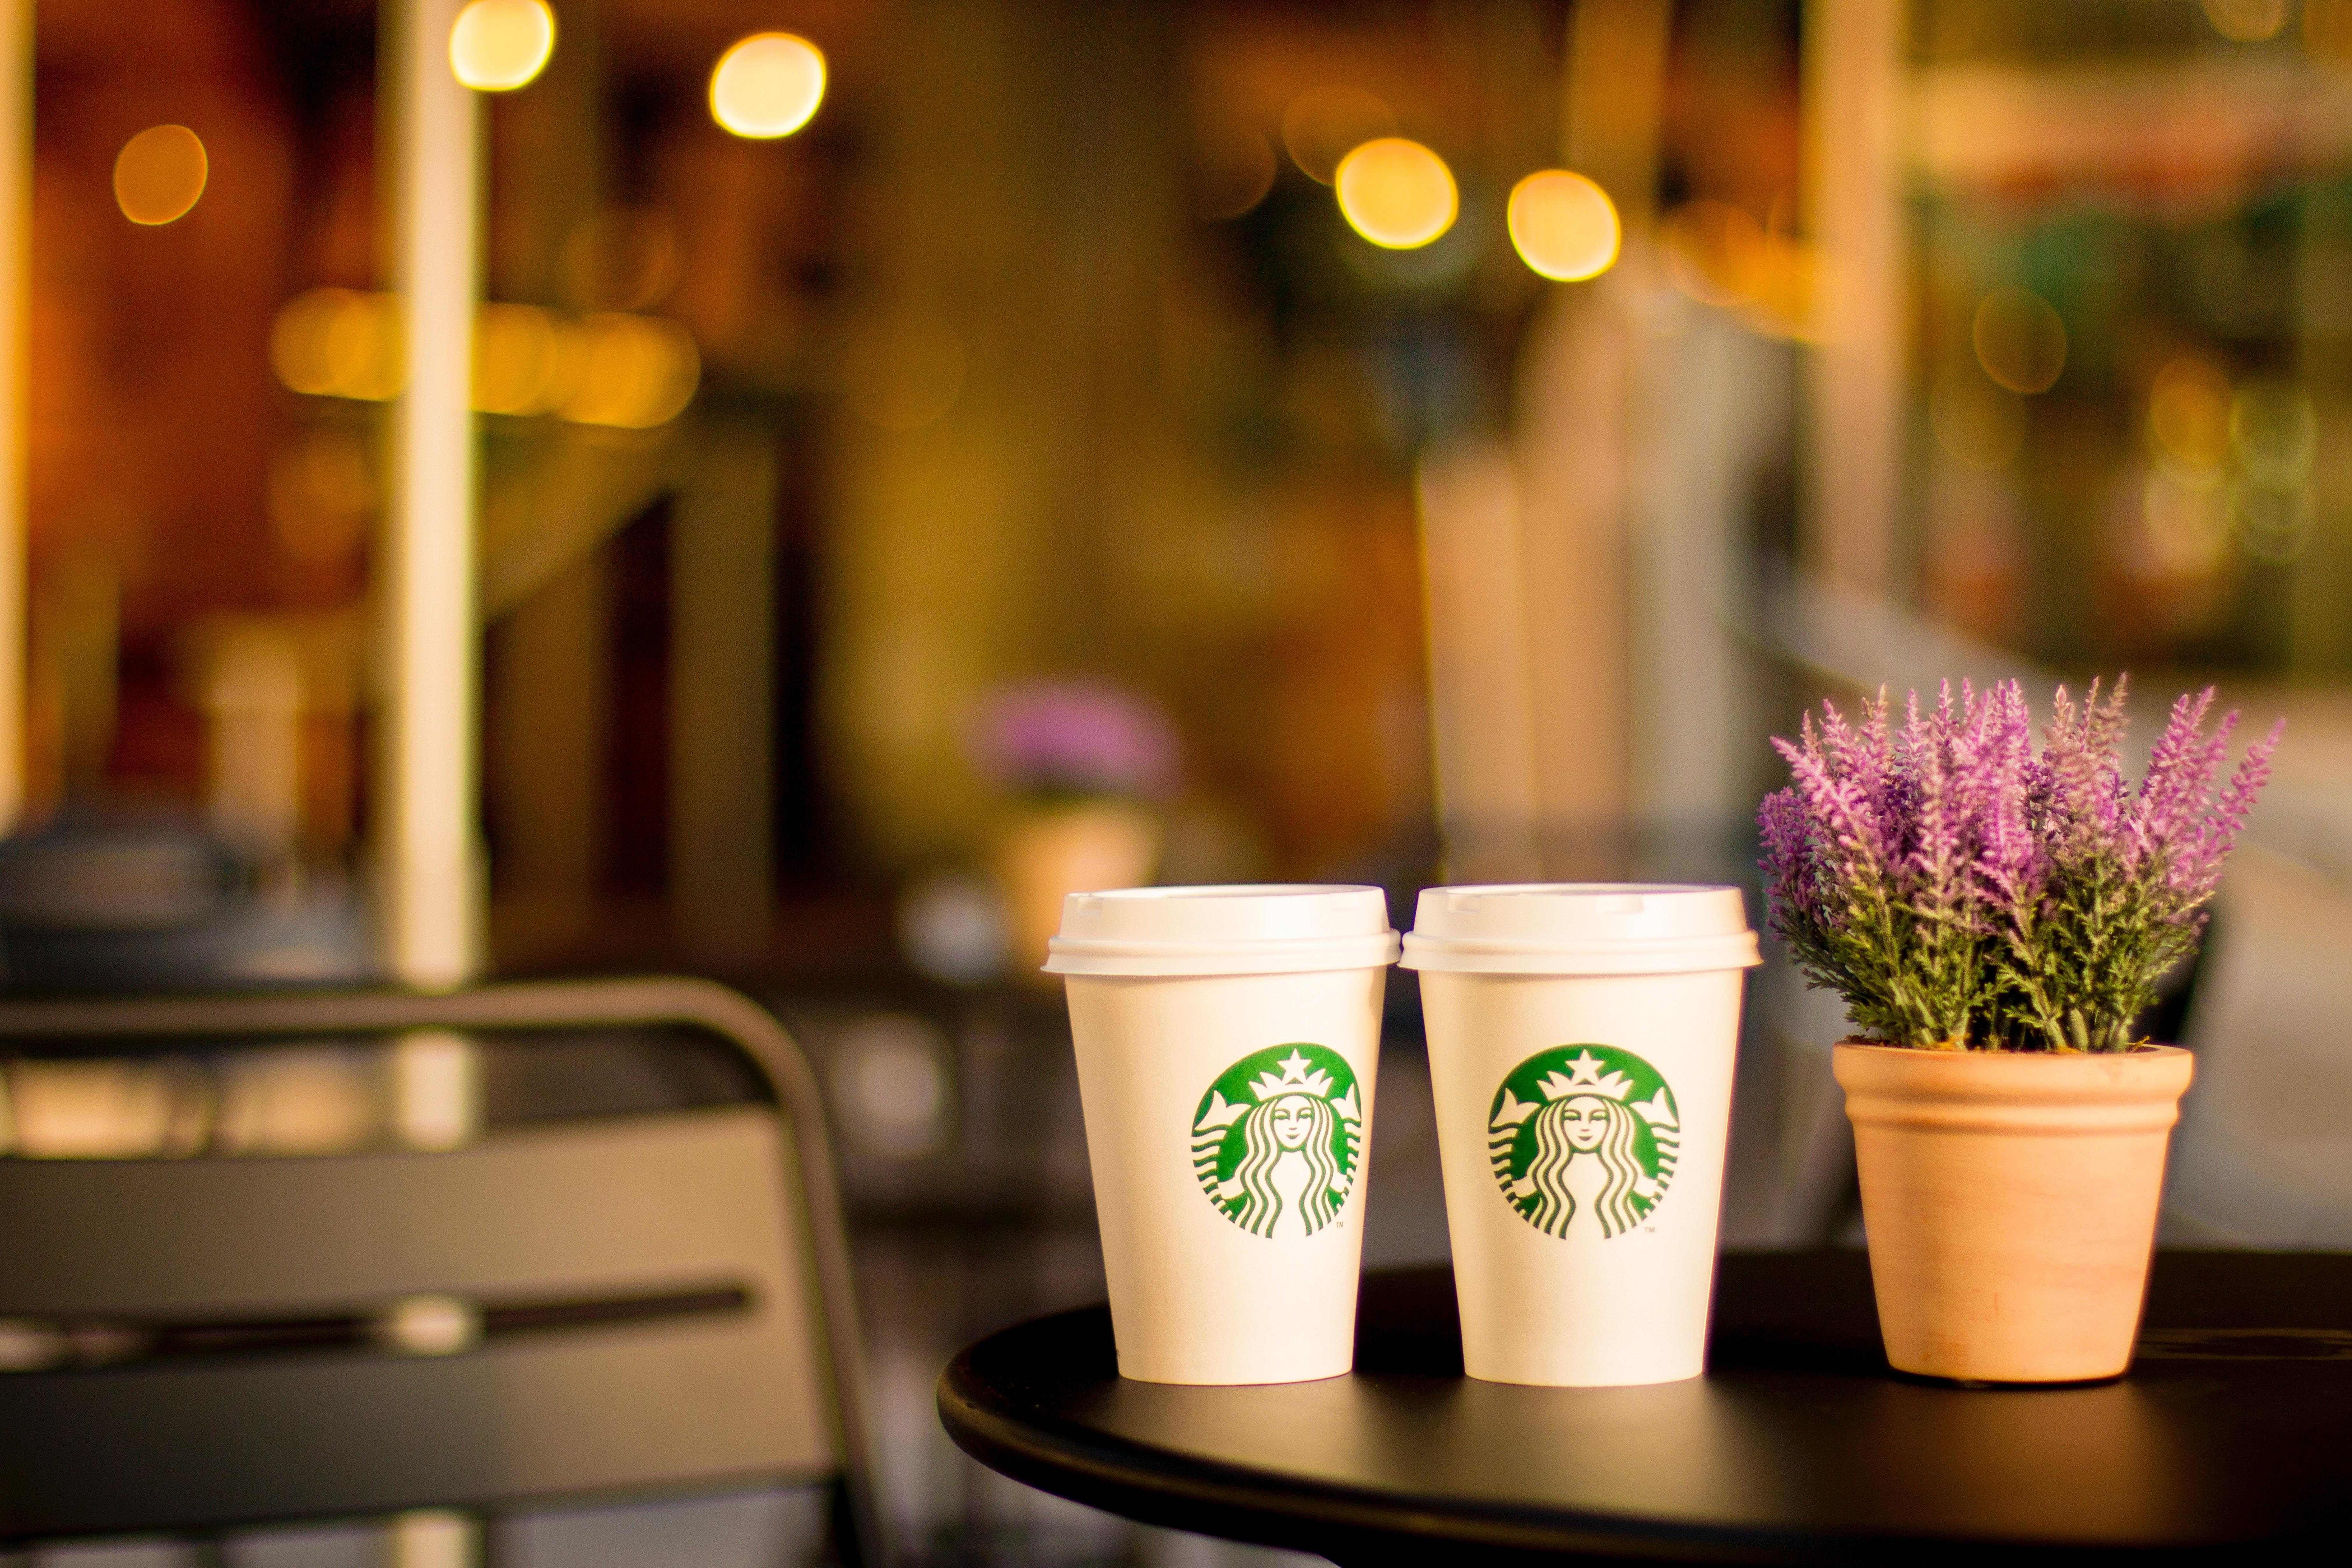 Starbucks Shift Supervisor